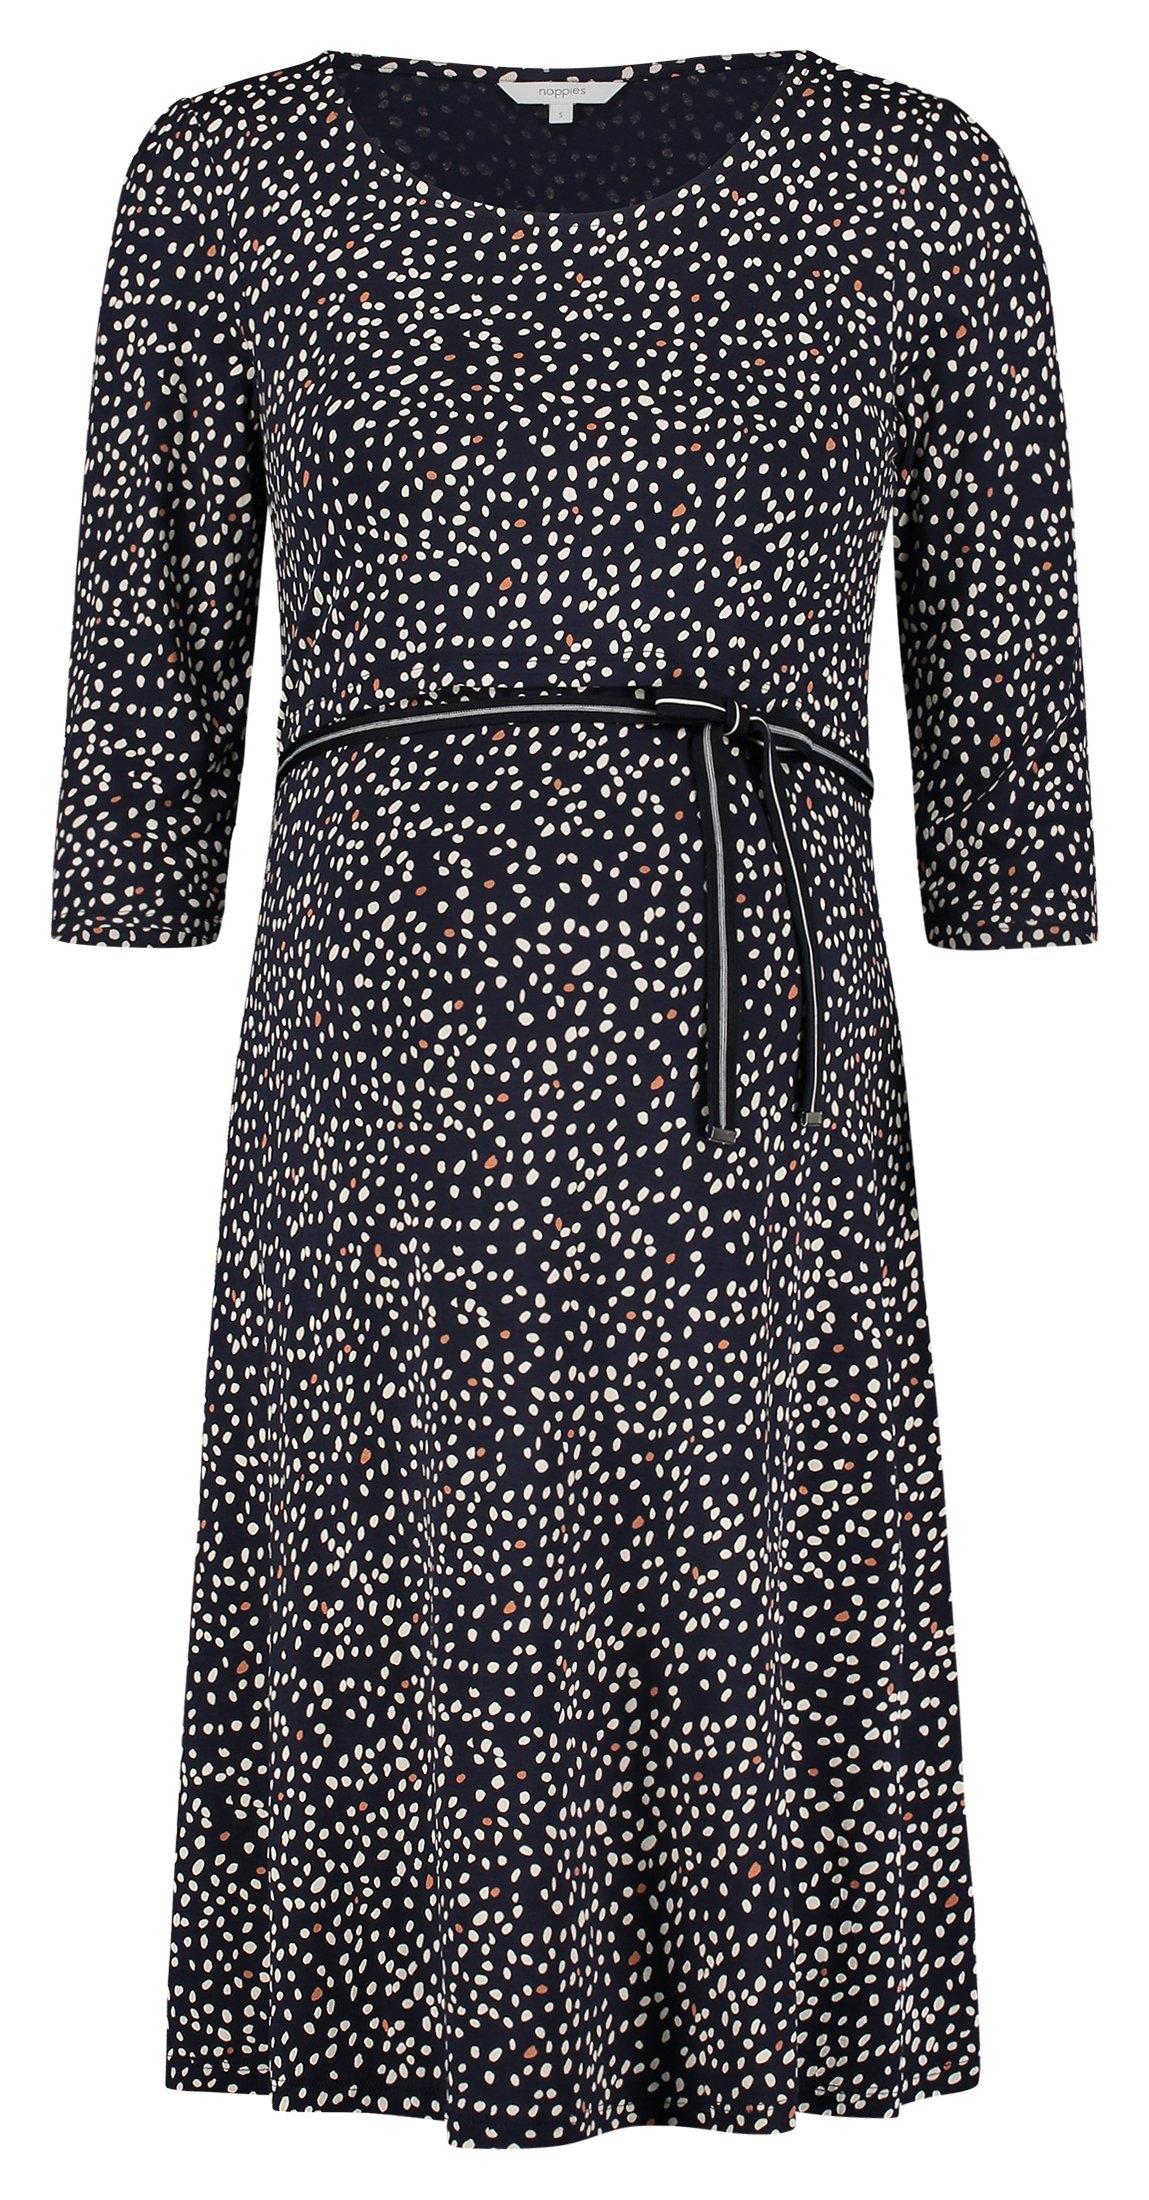 Noppies jurk »Alicia« bij OTTO online kopen